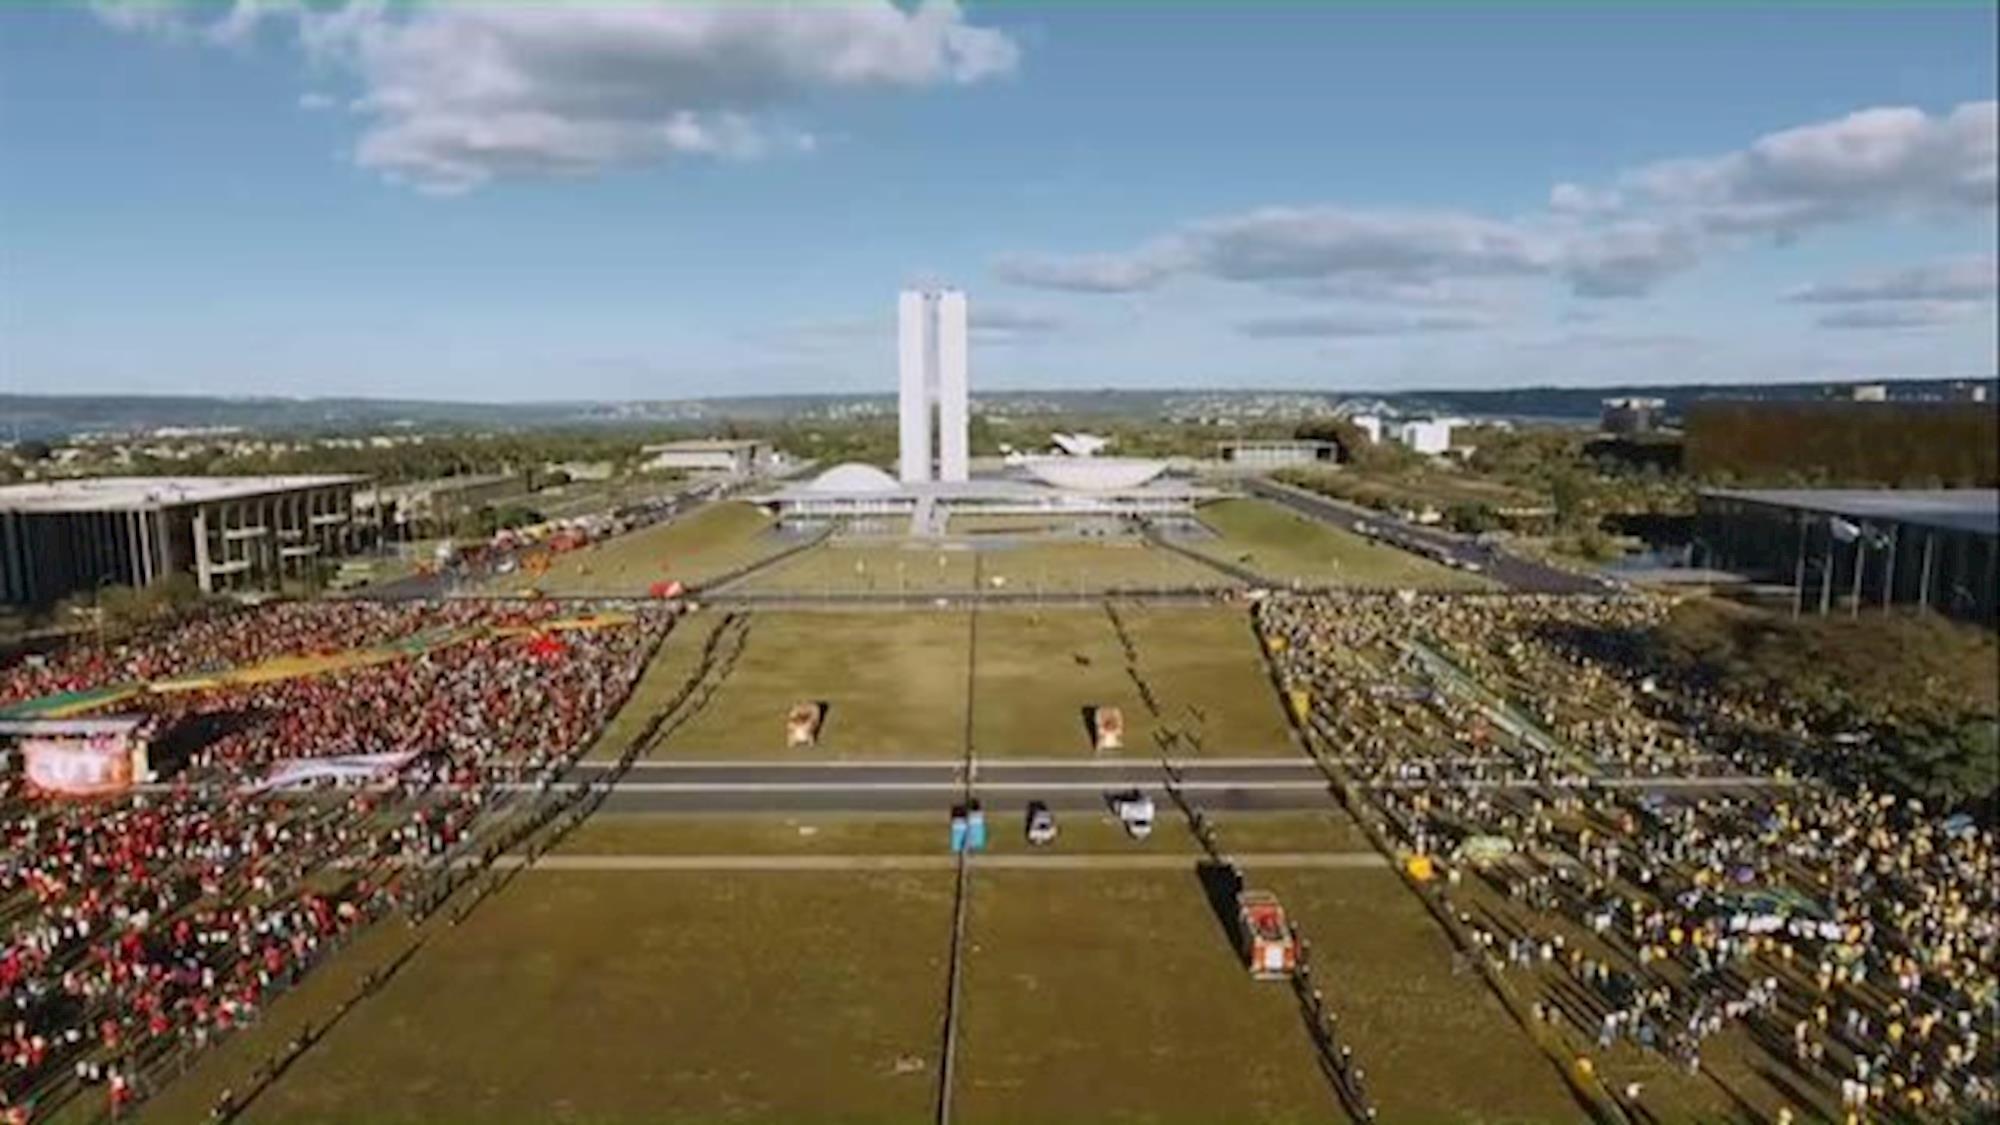 processo, brasilia, golpe,, Divulgação